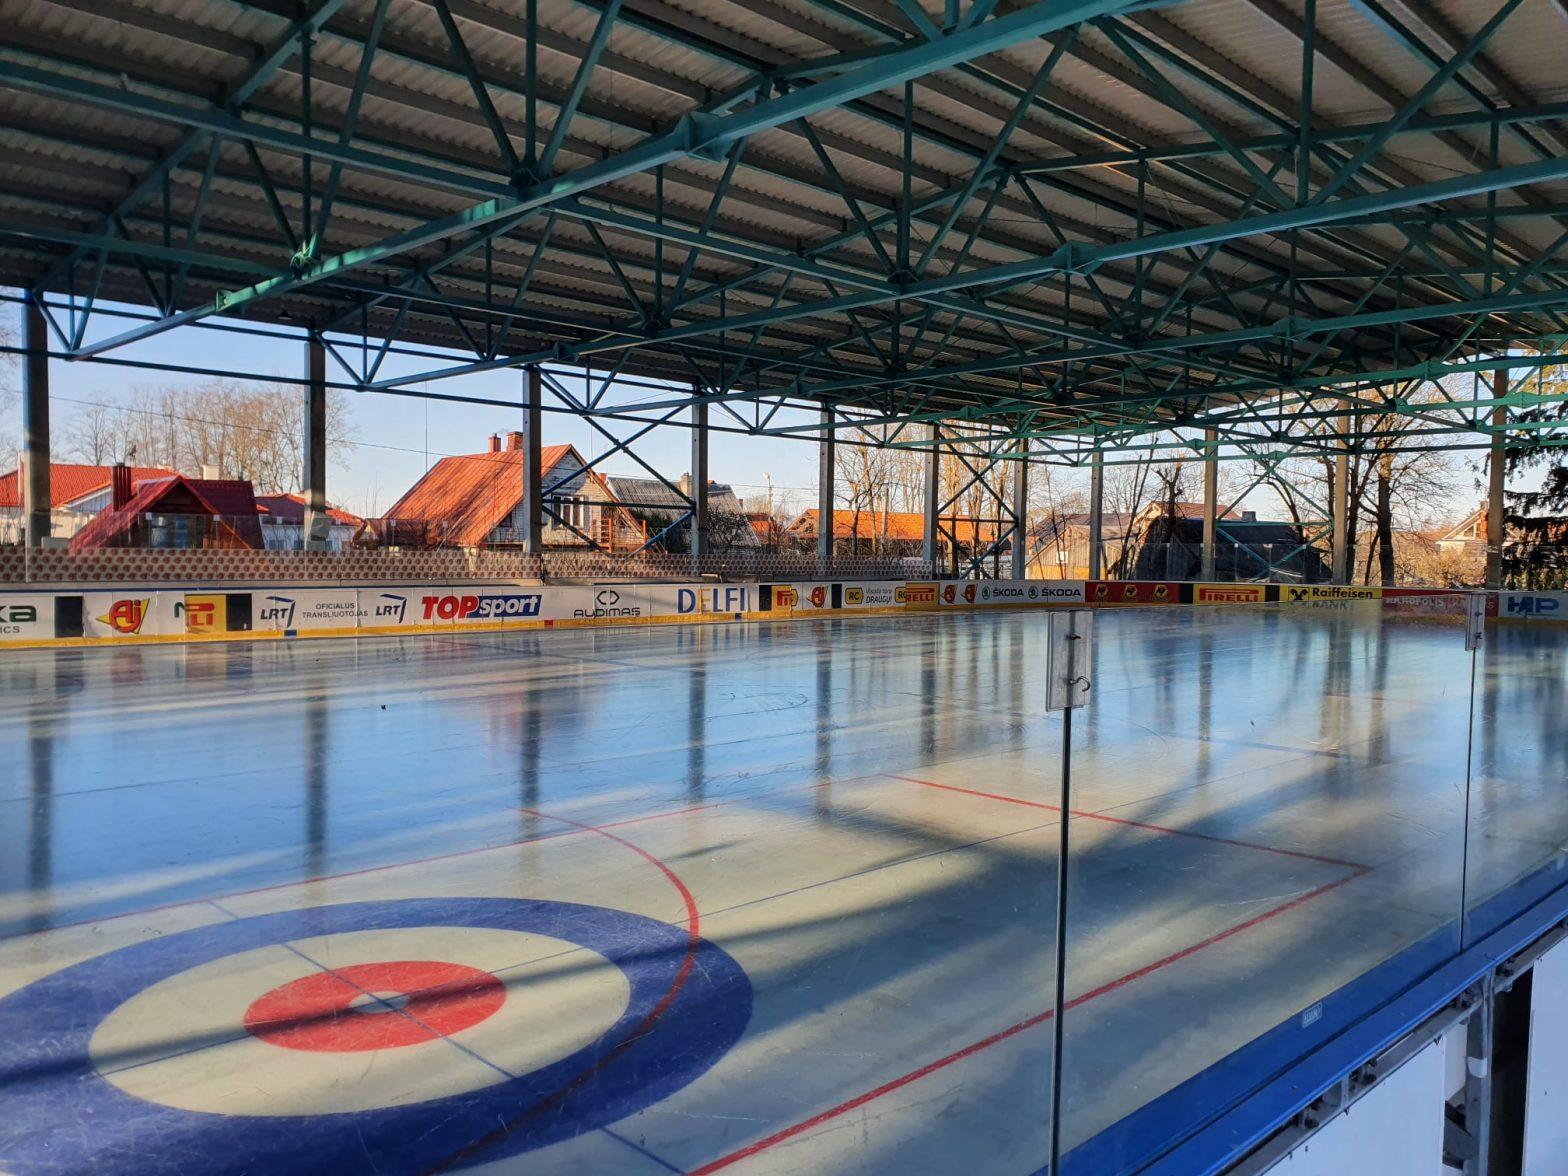 Rokiškio ledo pramogų ir sporto entuziastai sulaukė savo svajonių aikštelės